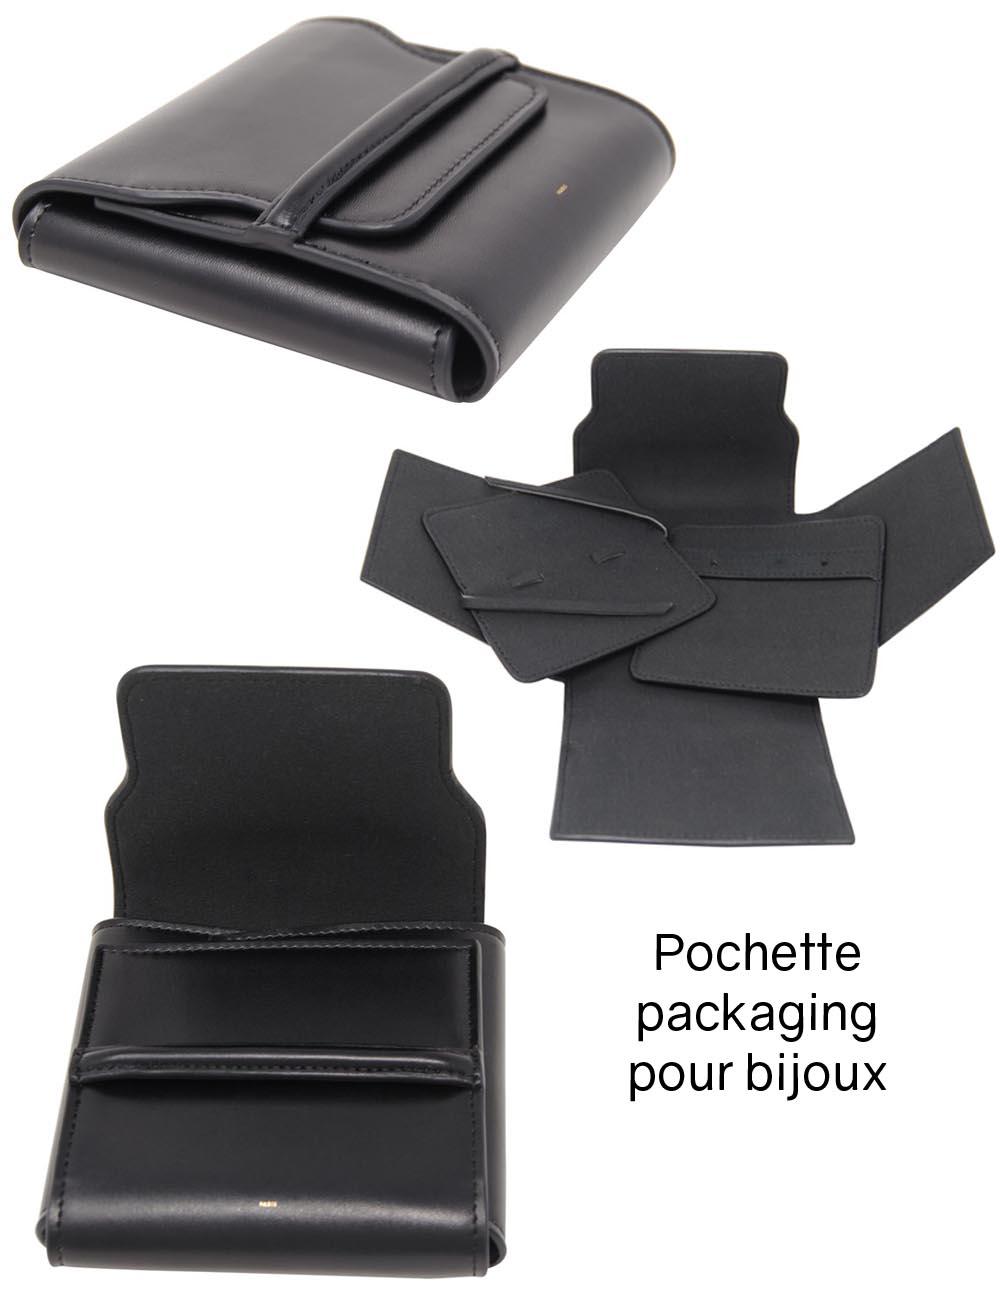 Pochette packaging en cuir pour bijoux